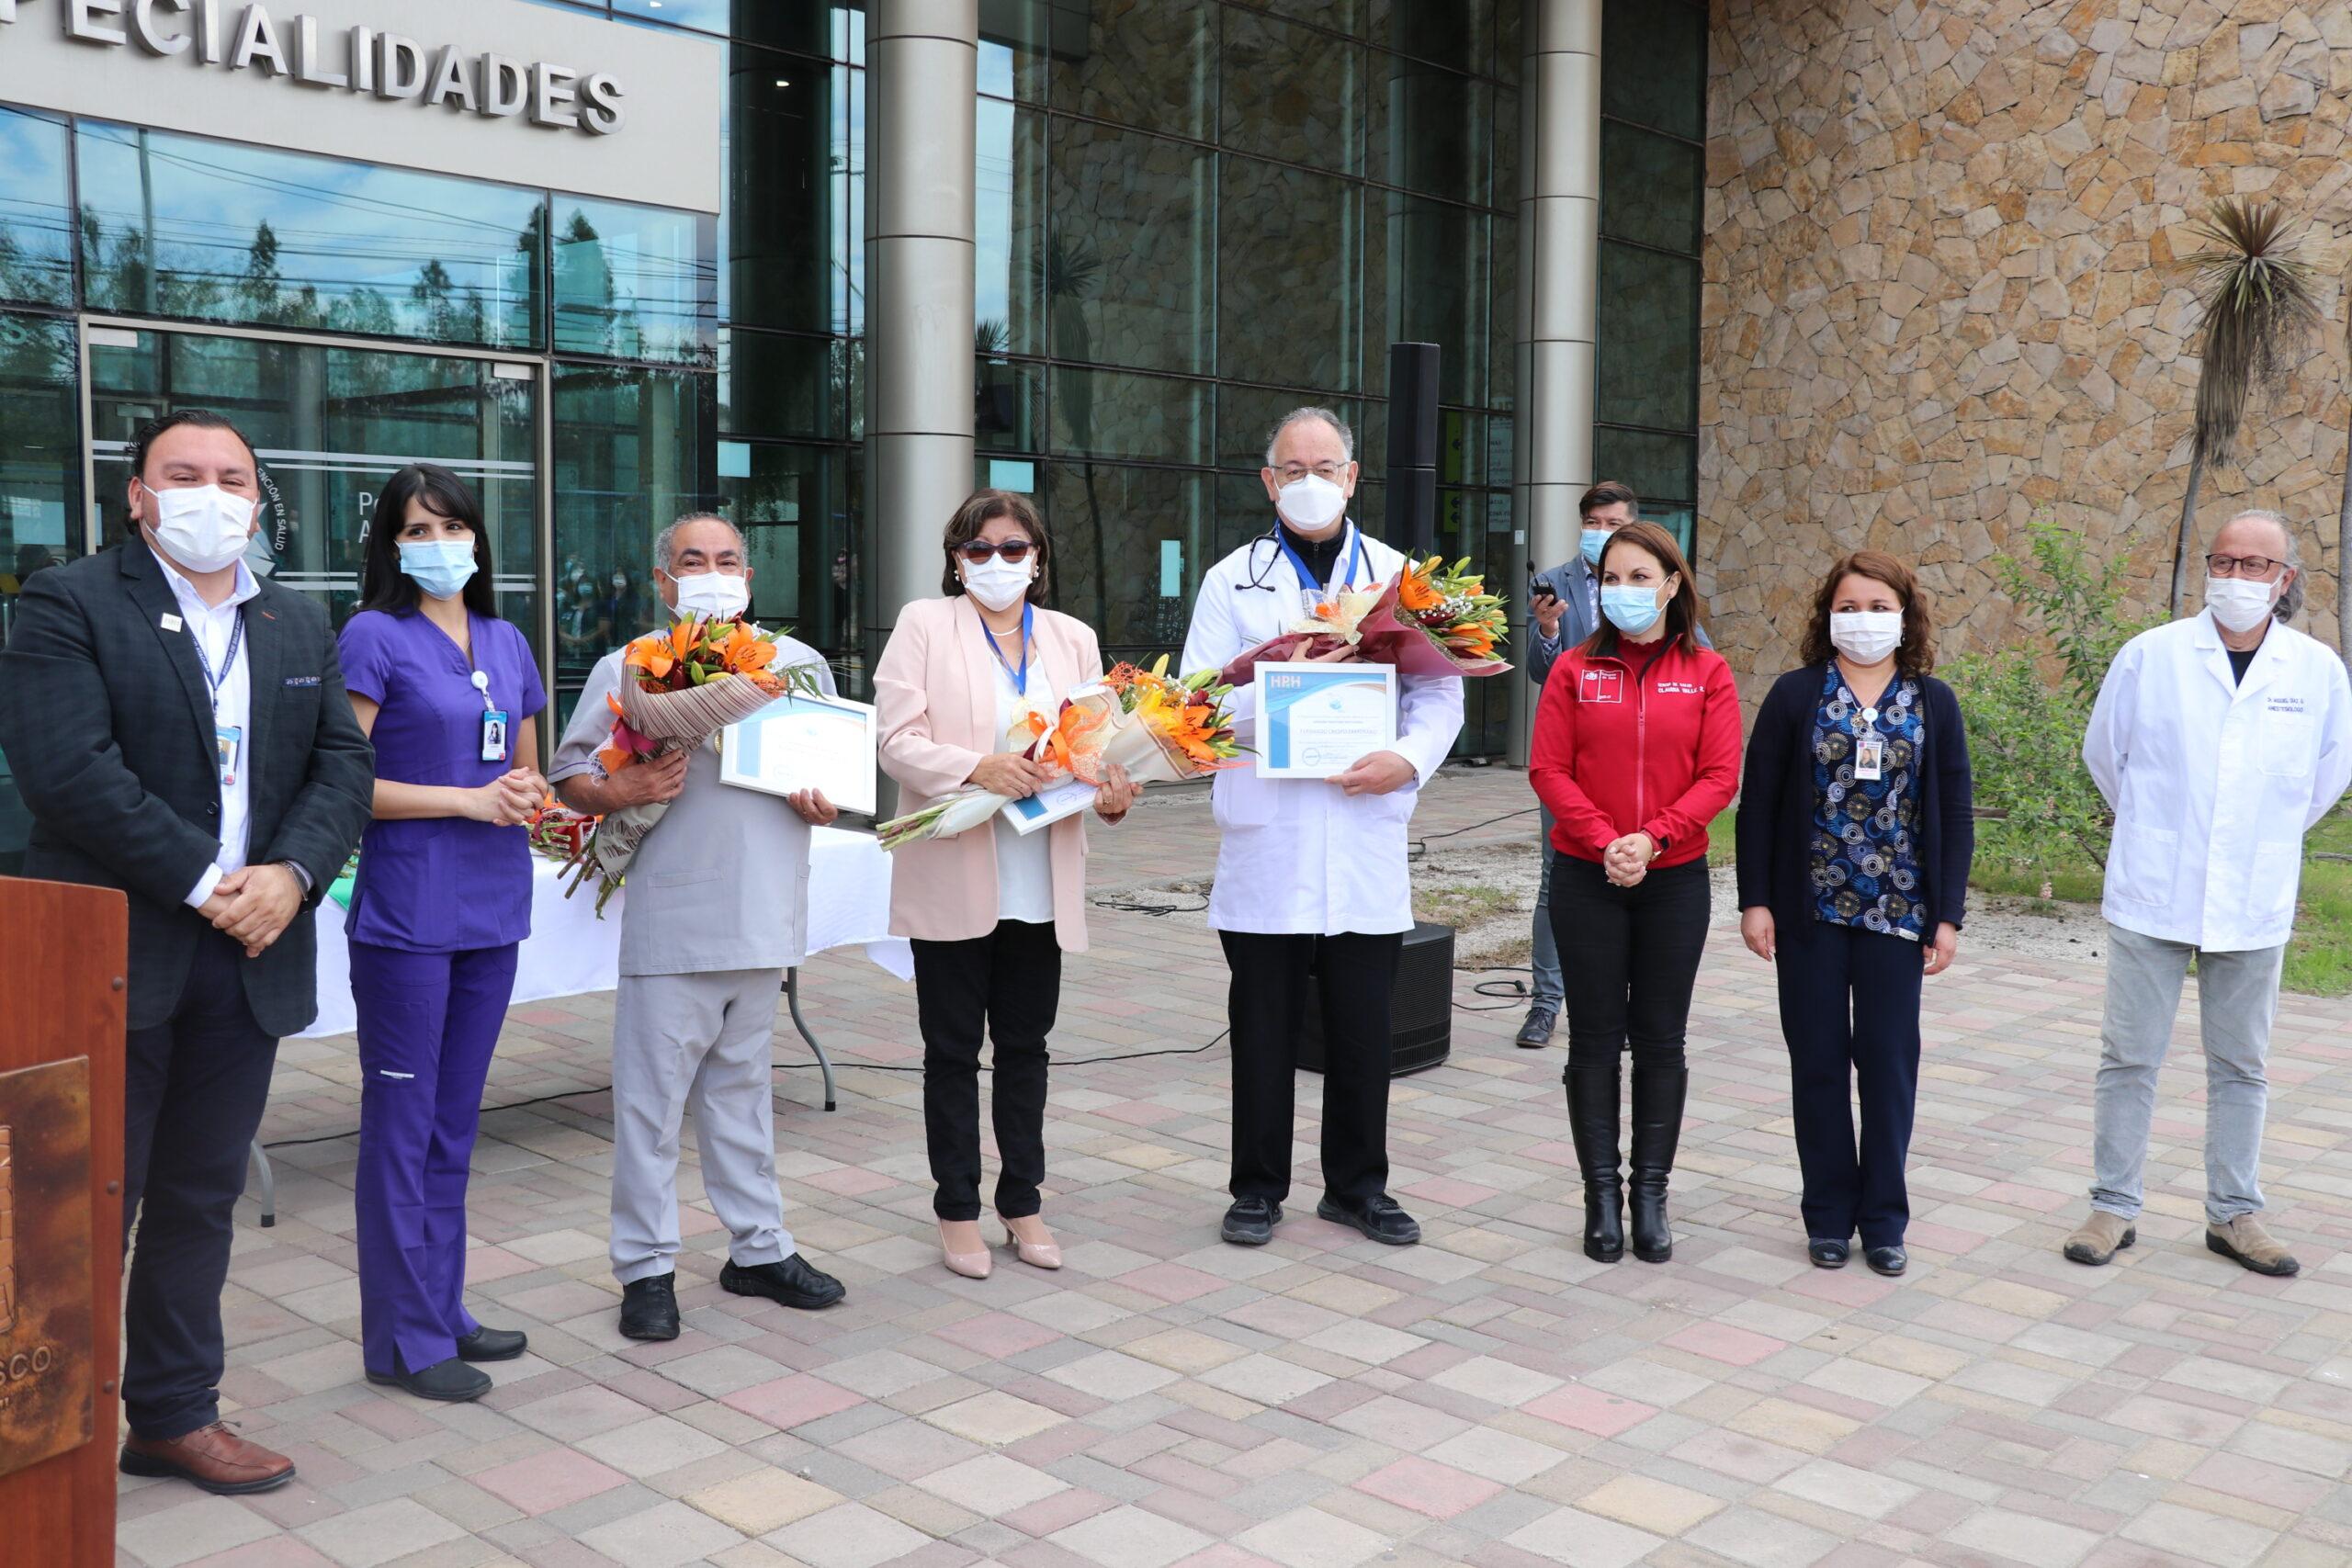 Instituciones de Salud reconocen en su día a hospital por logros alcanzados durante la pandemia y entregan reconocimientos a funcionarios